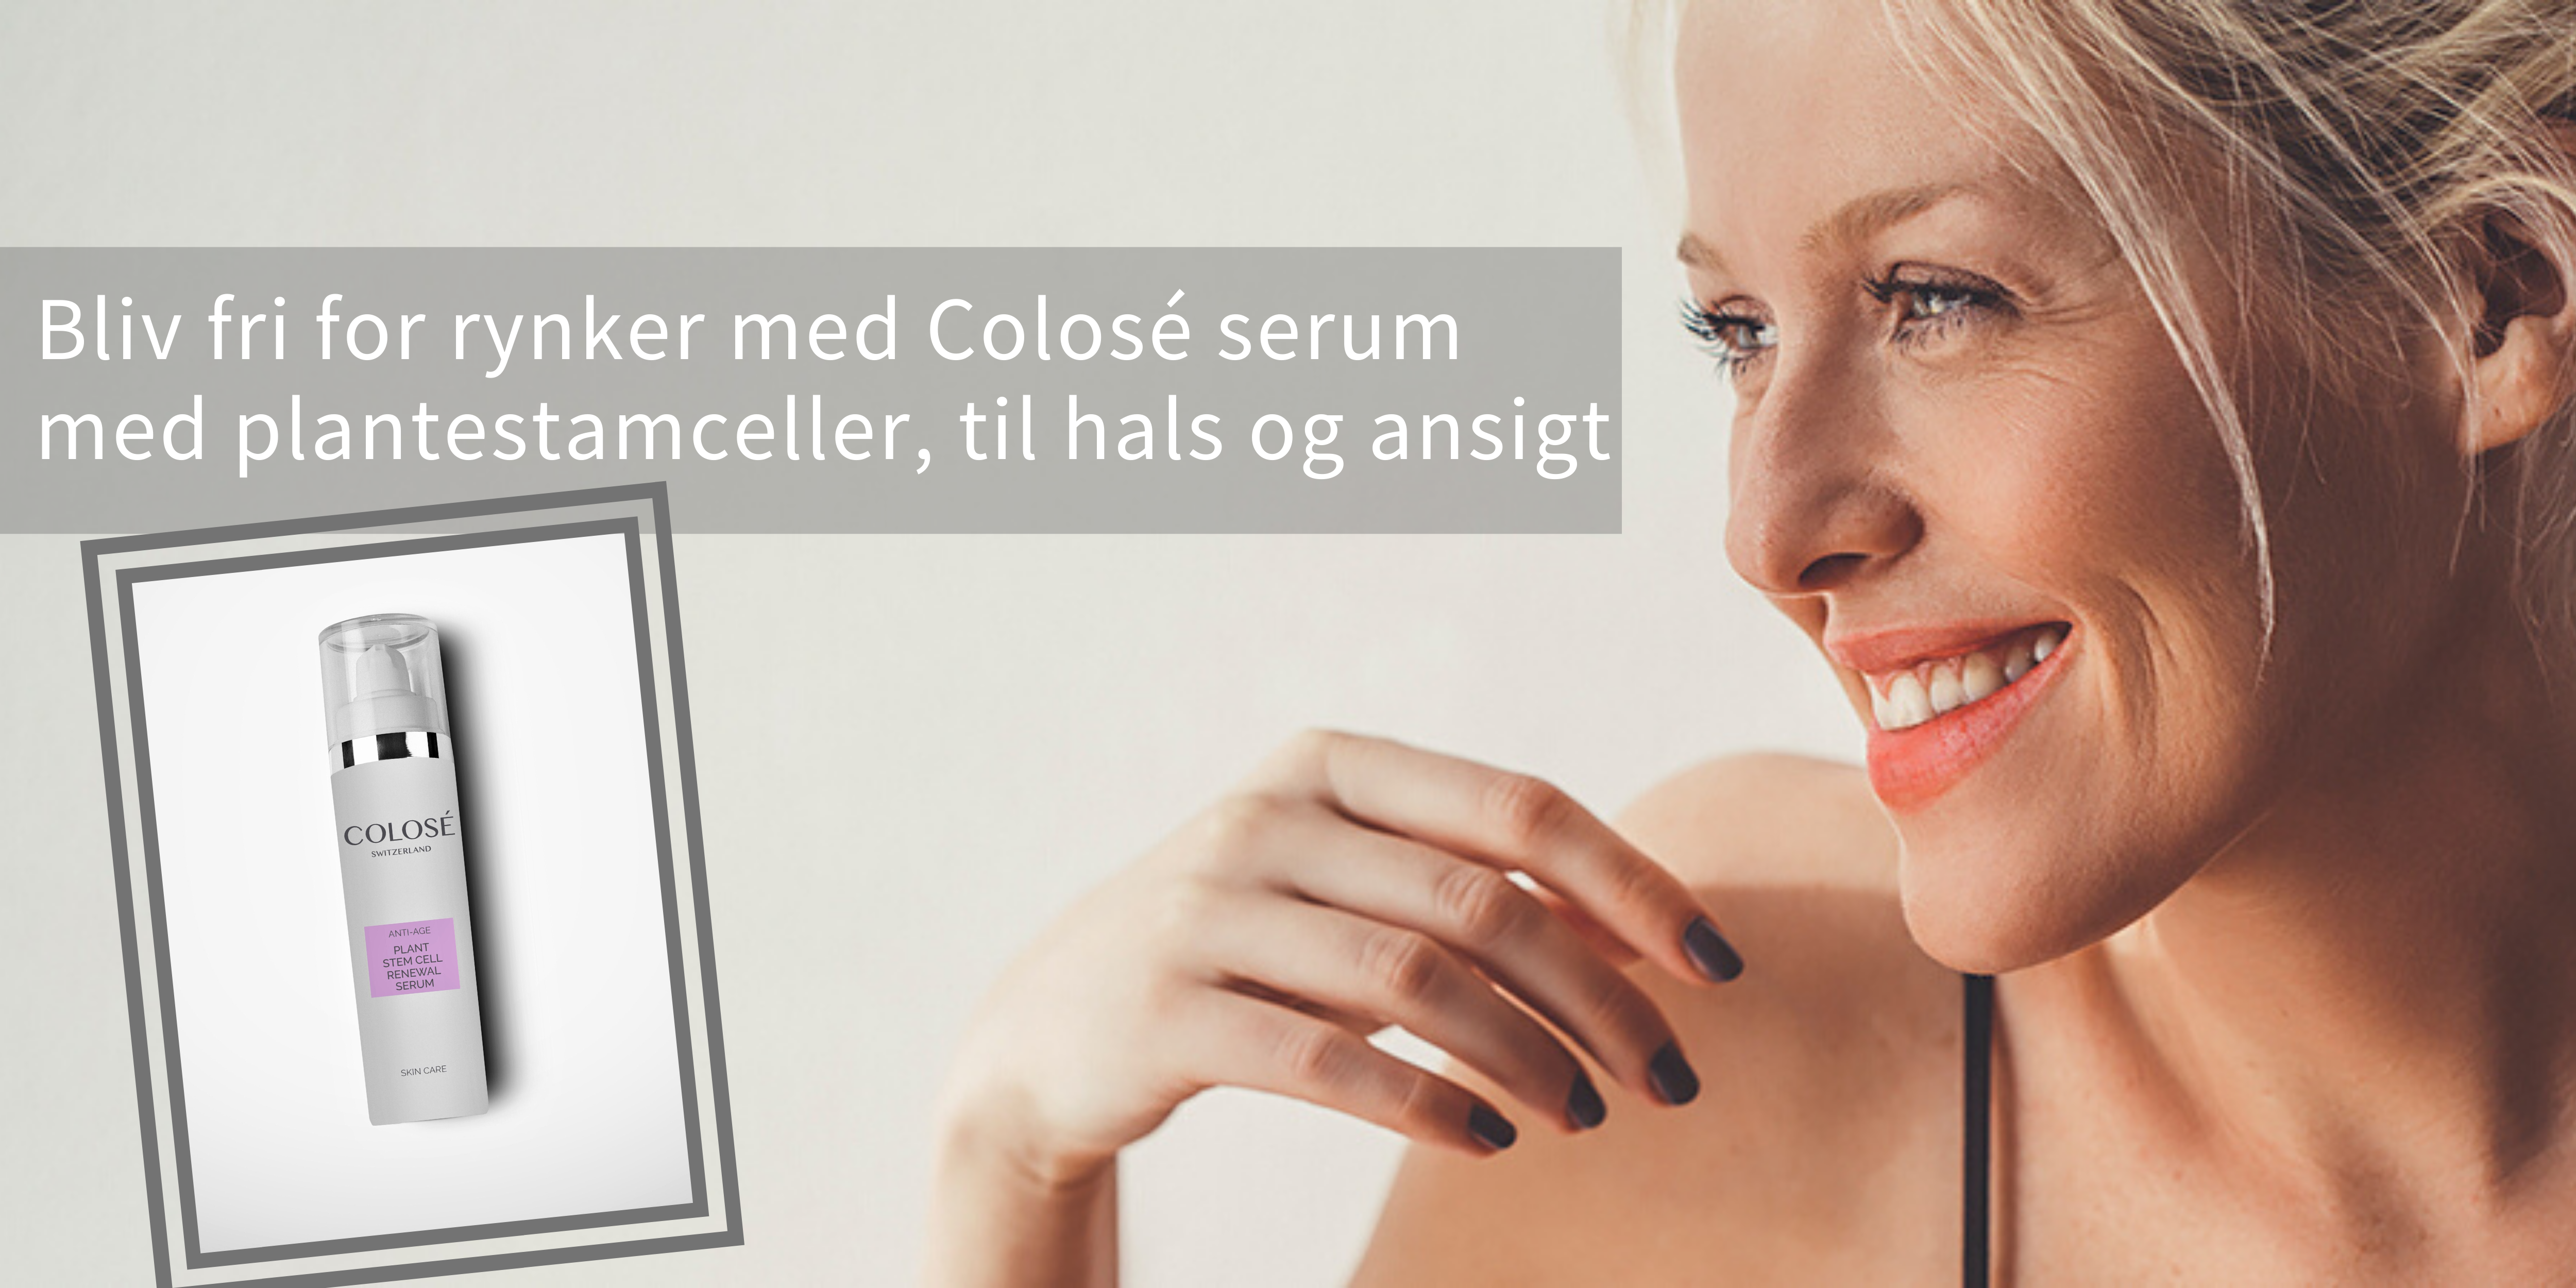 Serum med plantestamceller - til hals og ansigt - hurtig virkning